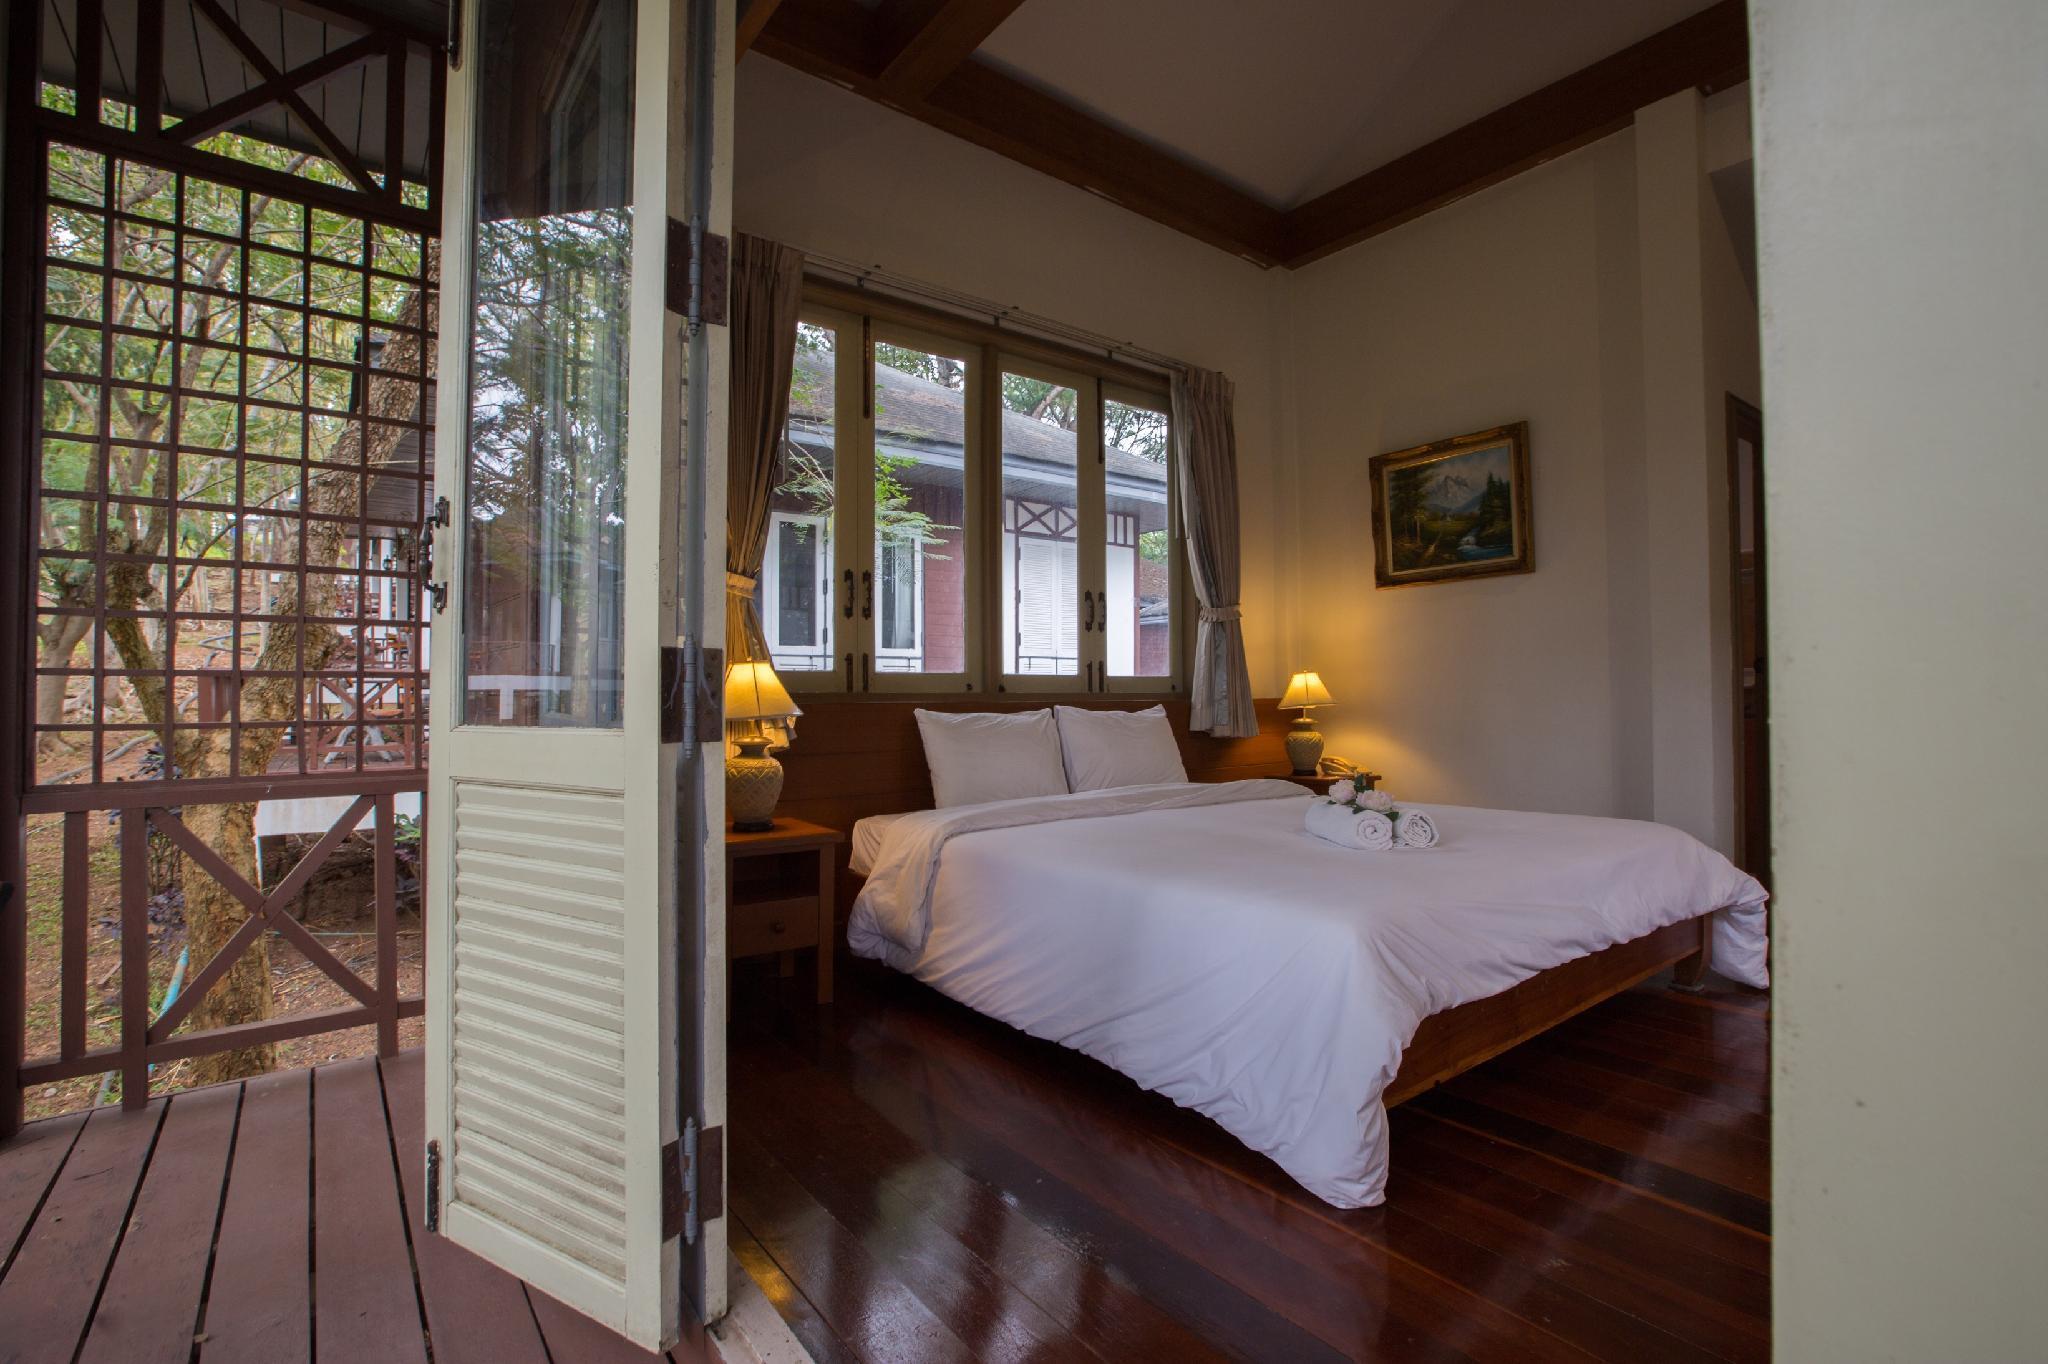 Starlite Khaoyai Hotel and Resort โรงแรมและรีสอร์ท สตาร์ไลท์ เขาใหญ่